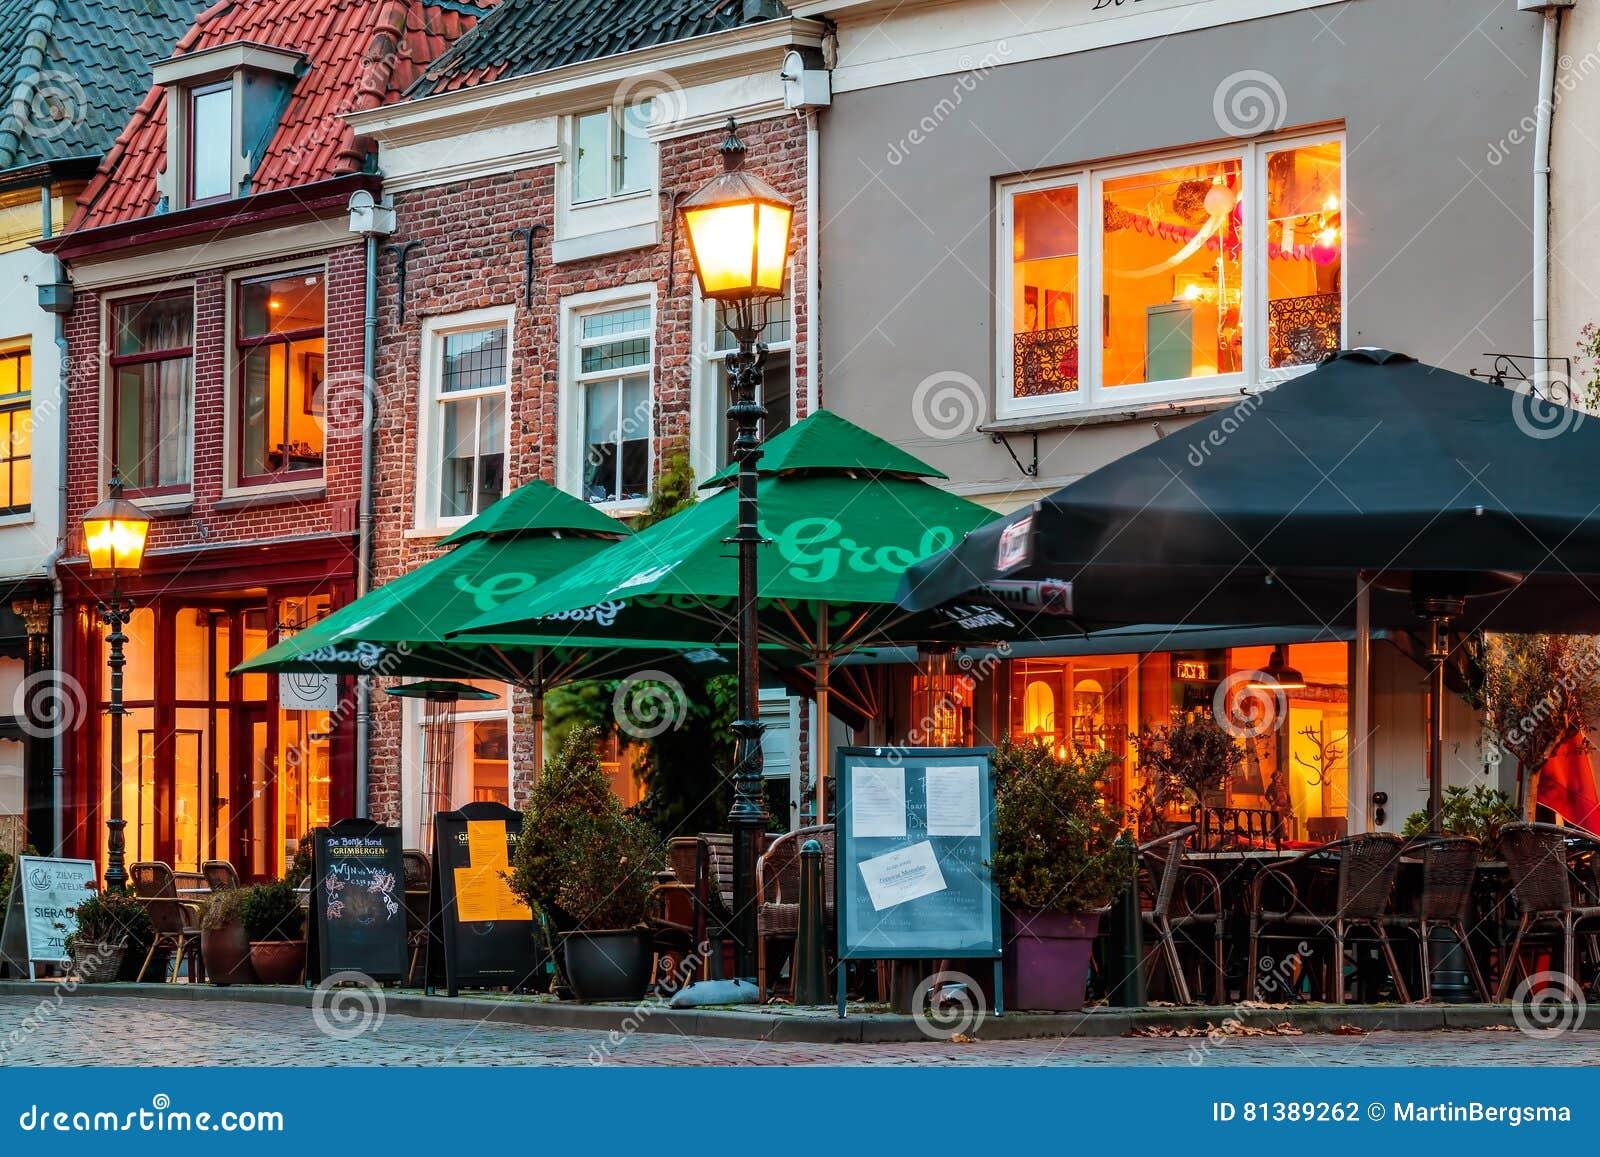 Restaurants In Huizen : Oude huizen met bars en restaurants tijdens zonsondergang in doesbu